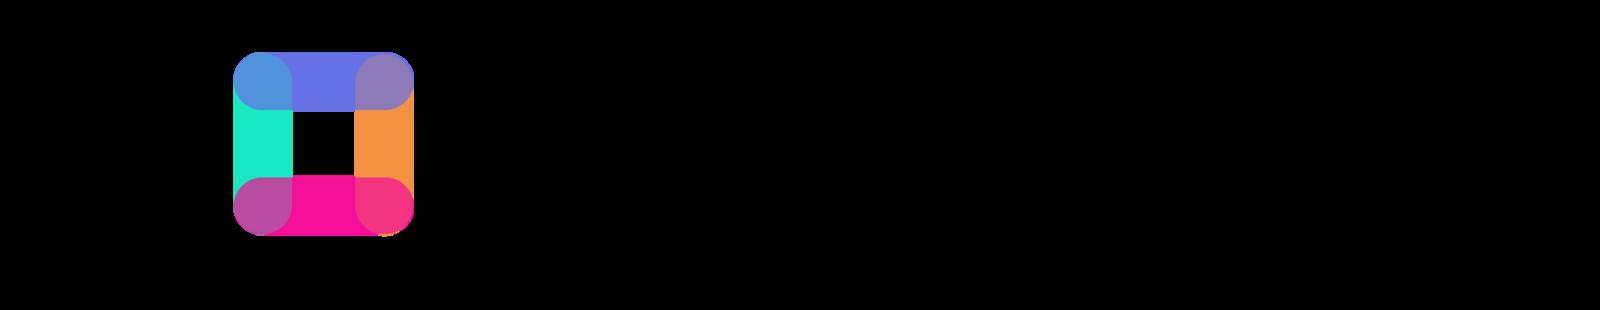 Statut Plateforme Zenorder